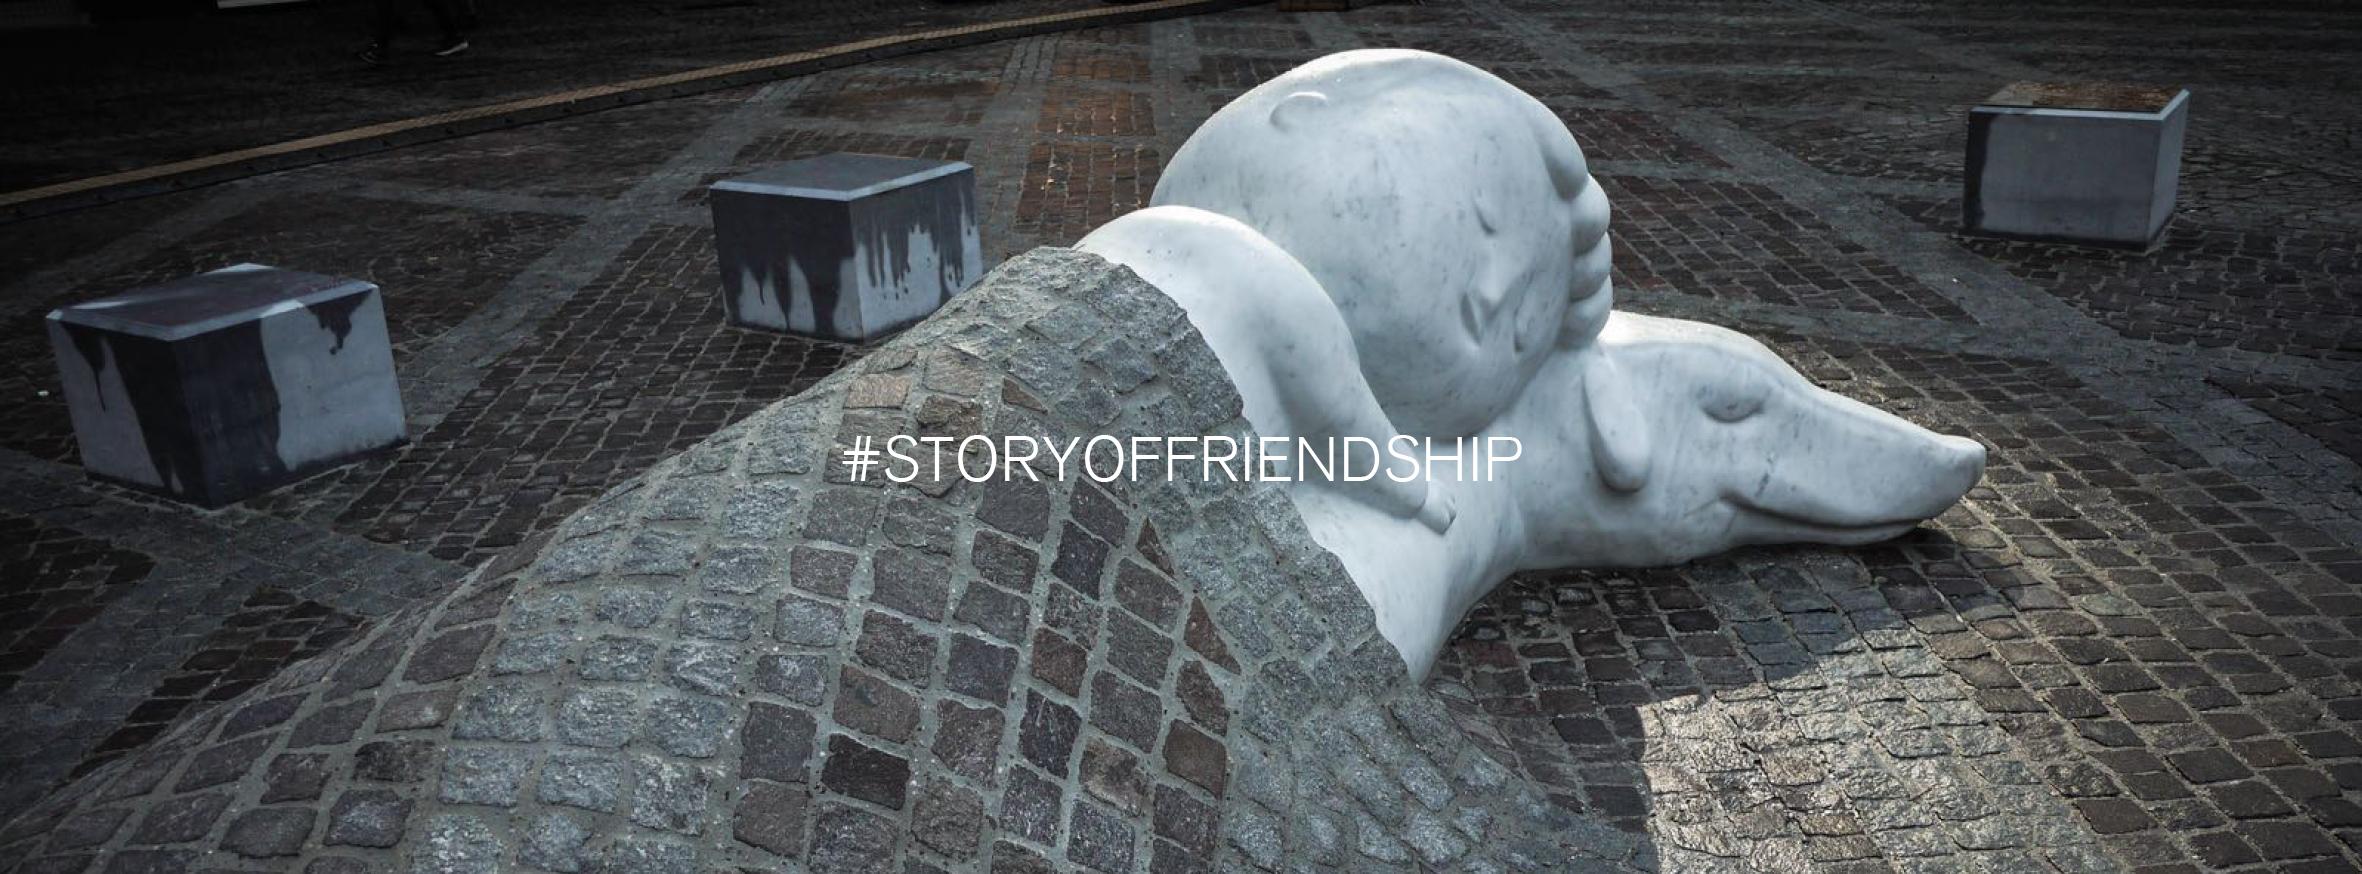 storyoffriendship